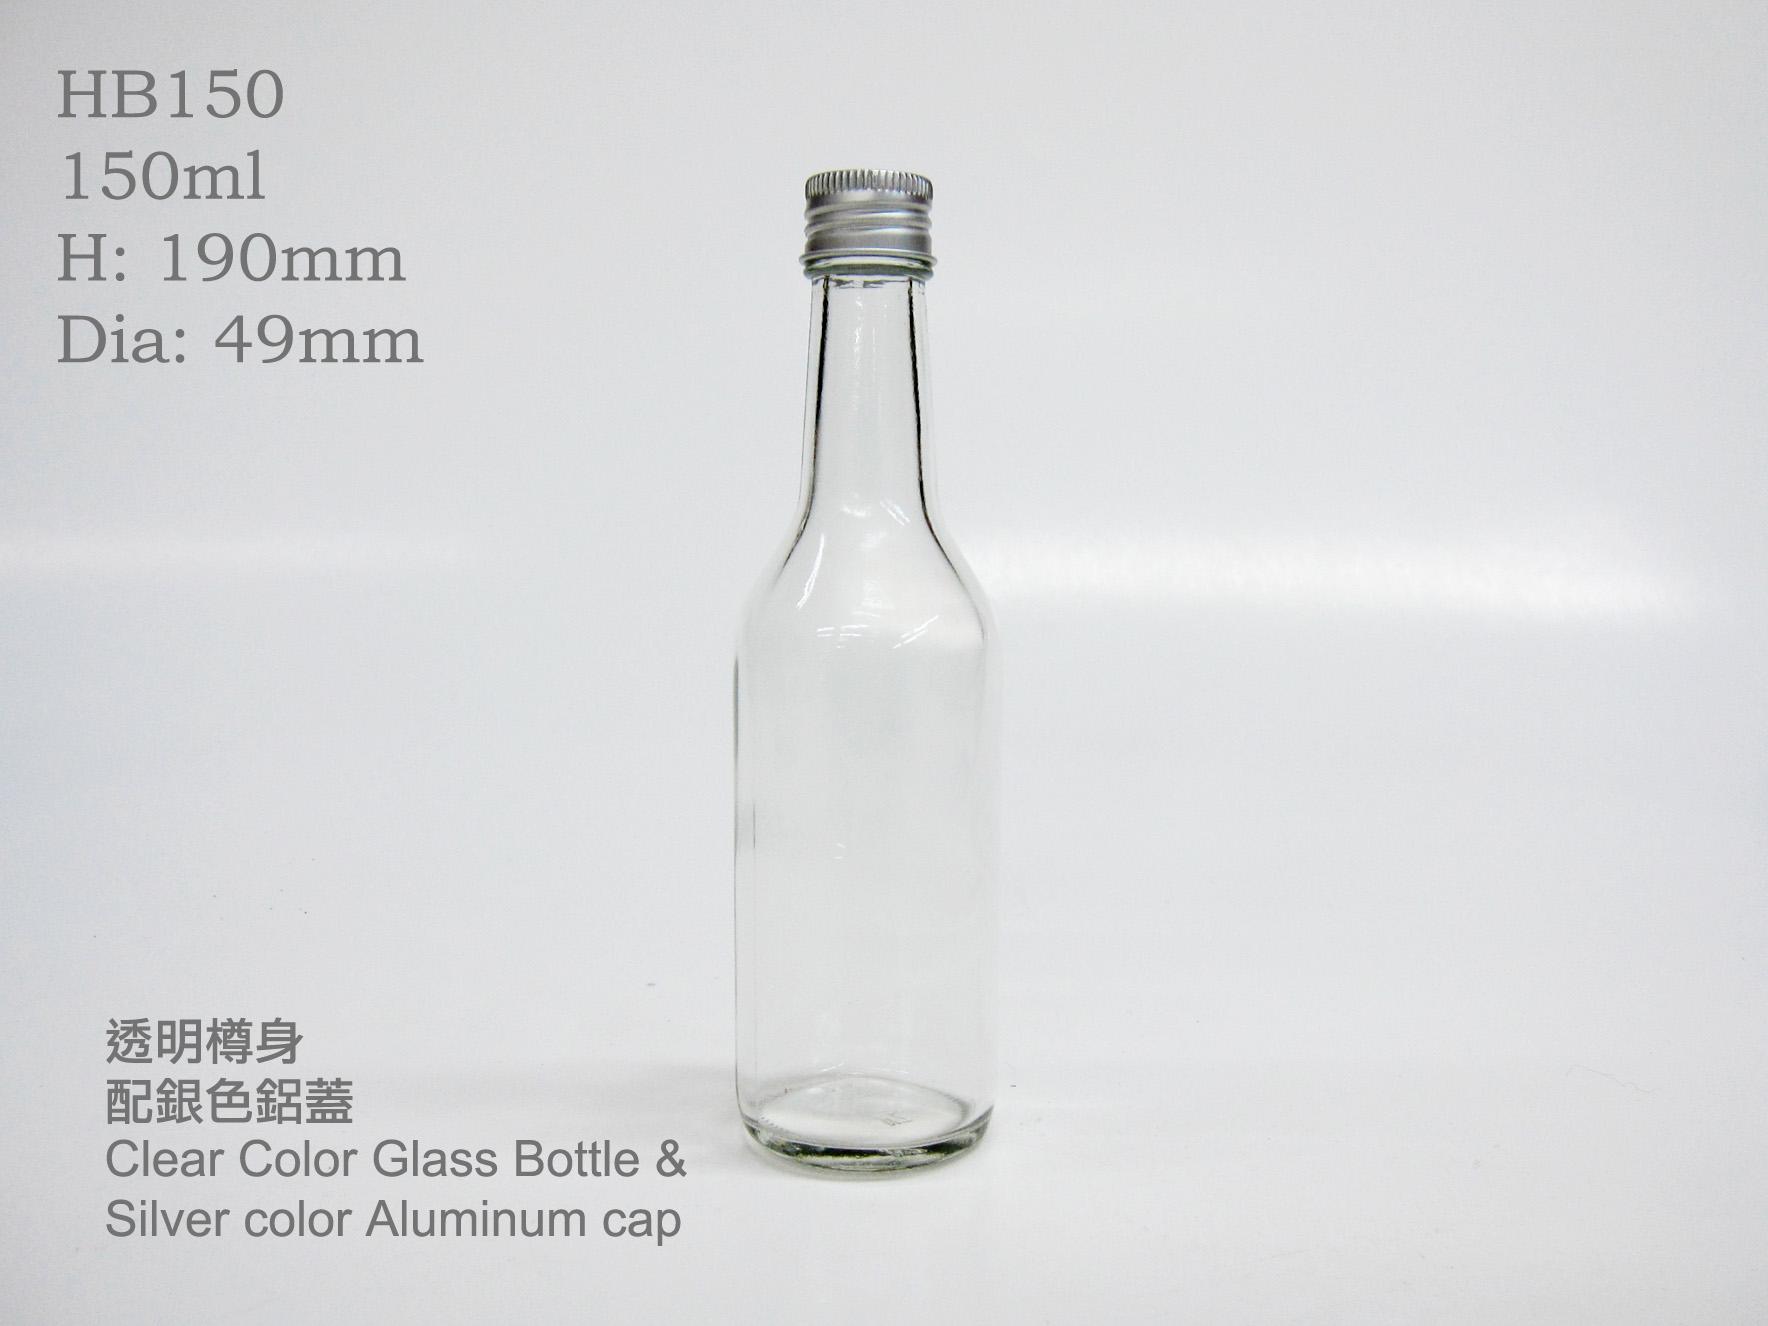 HB150_silver_cap_4e1fdf78e7b48